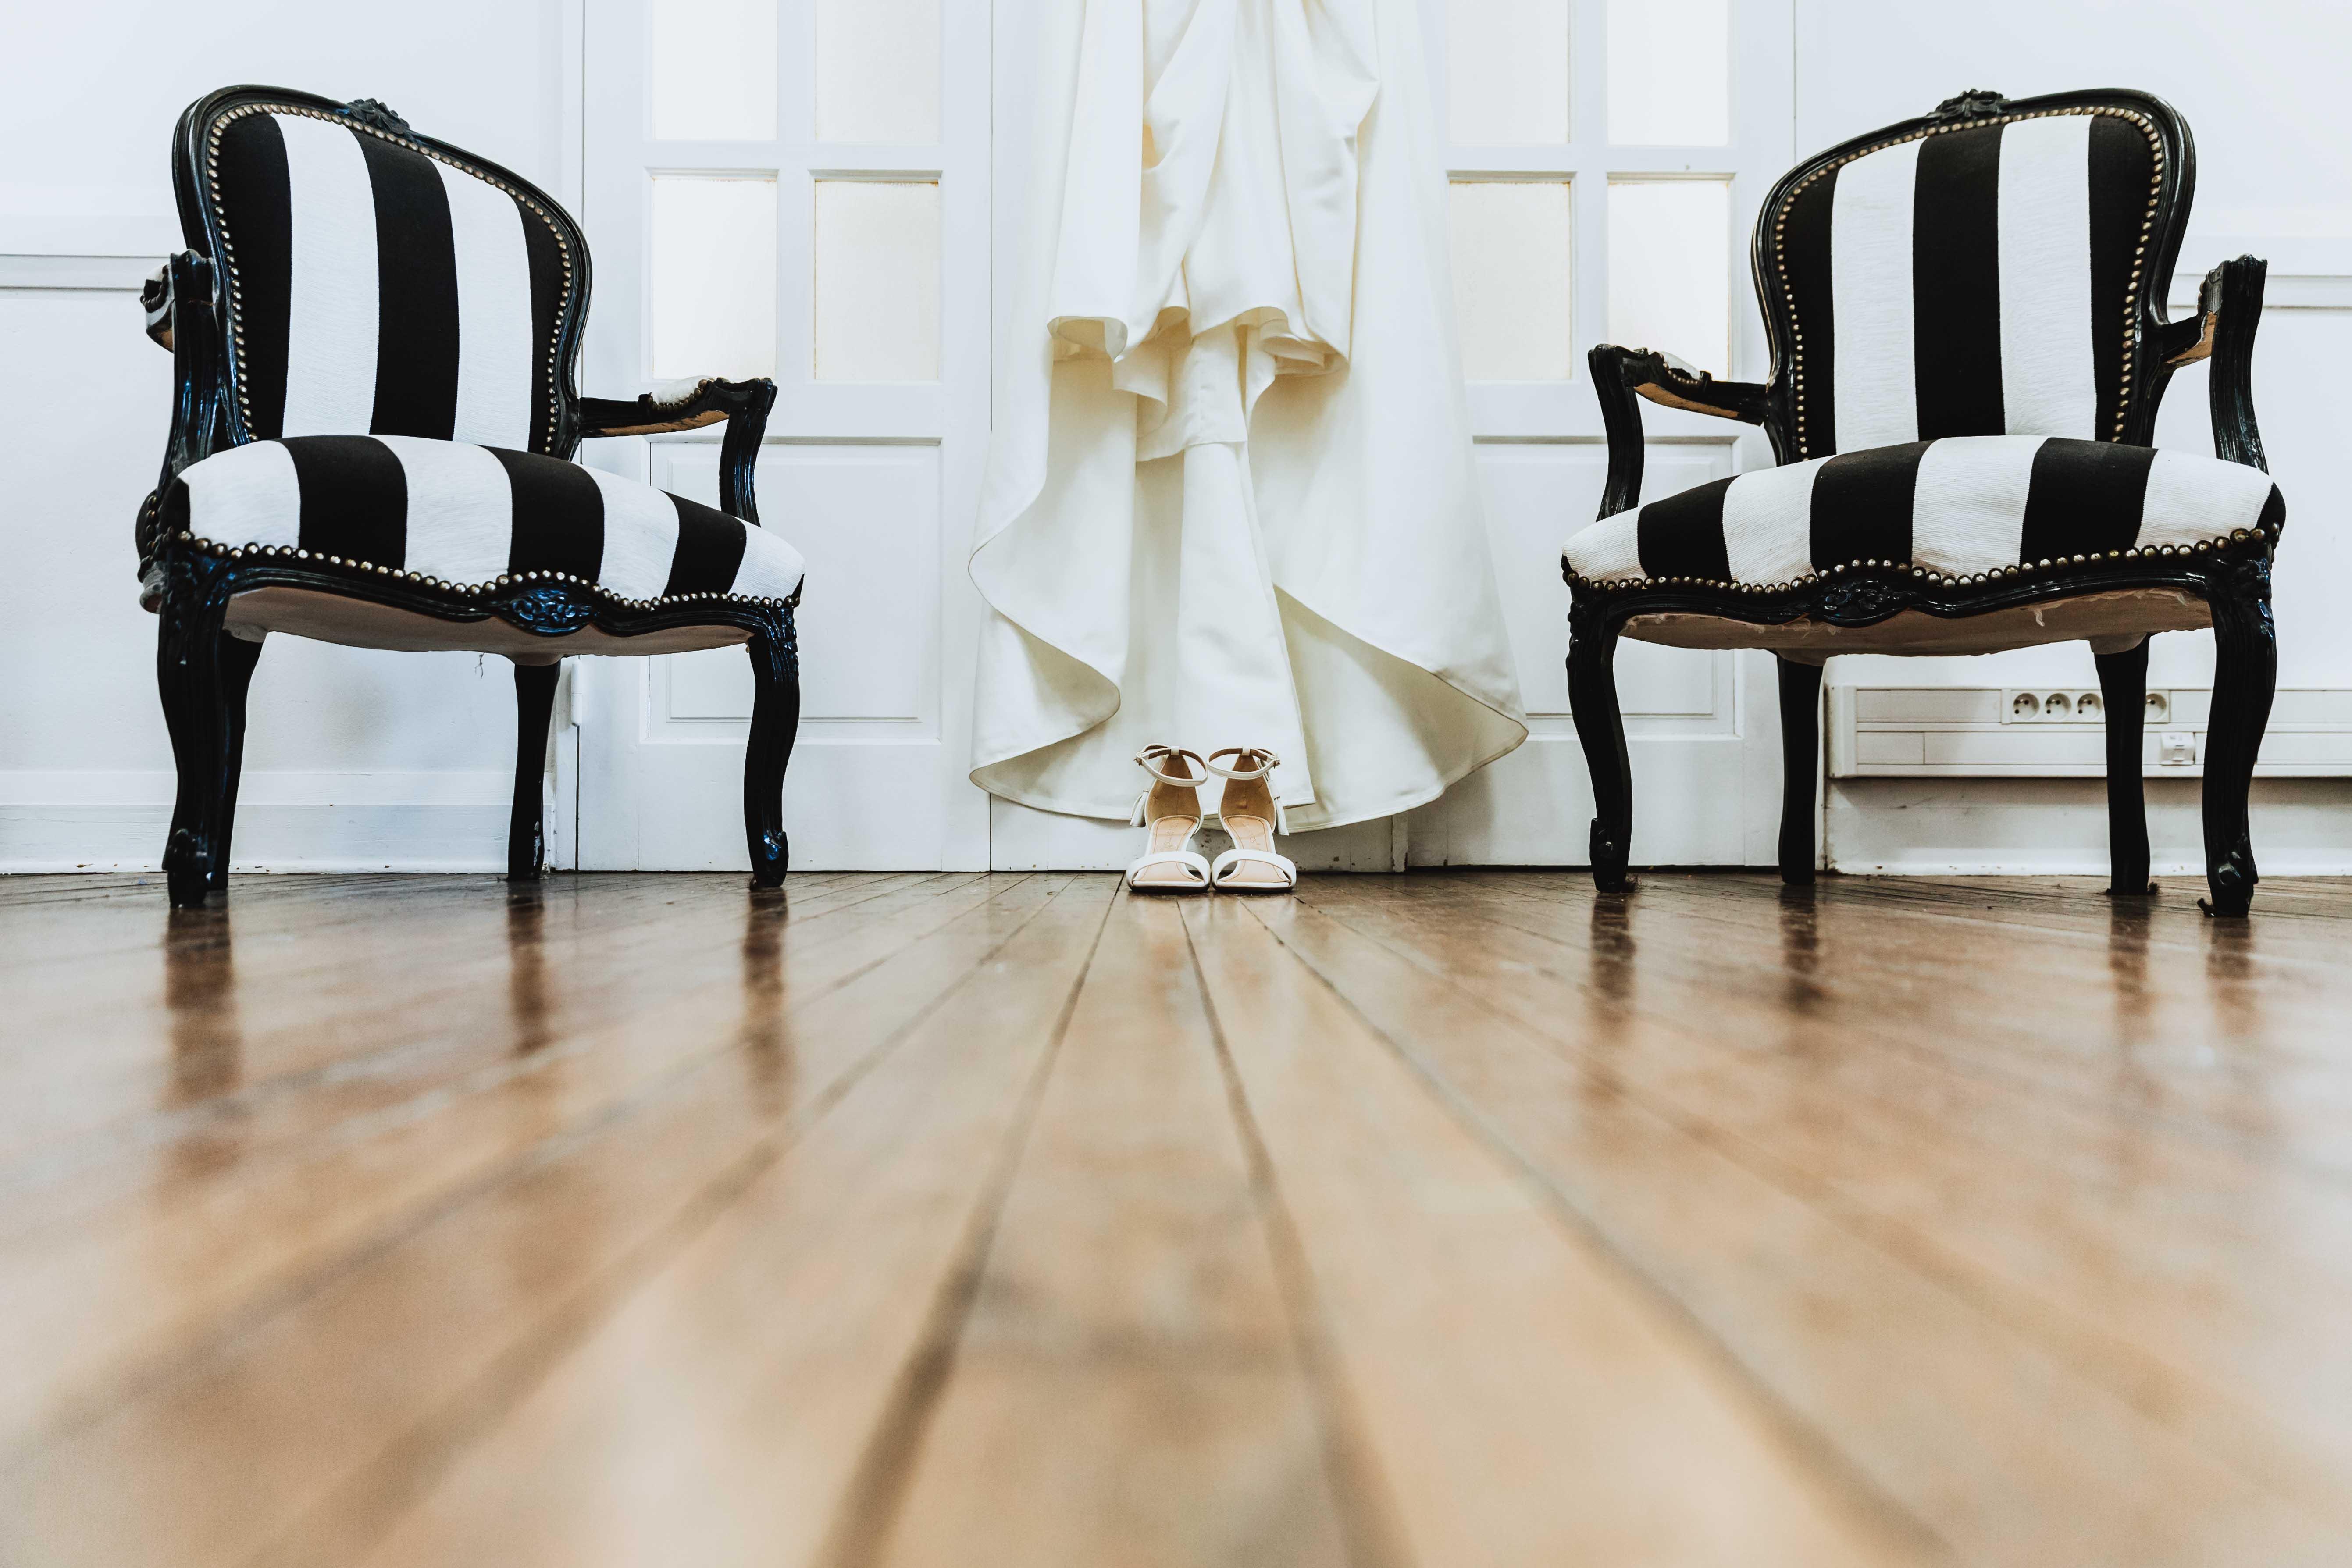 détail des chaussures et de la robe de la mariés, style rétro